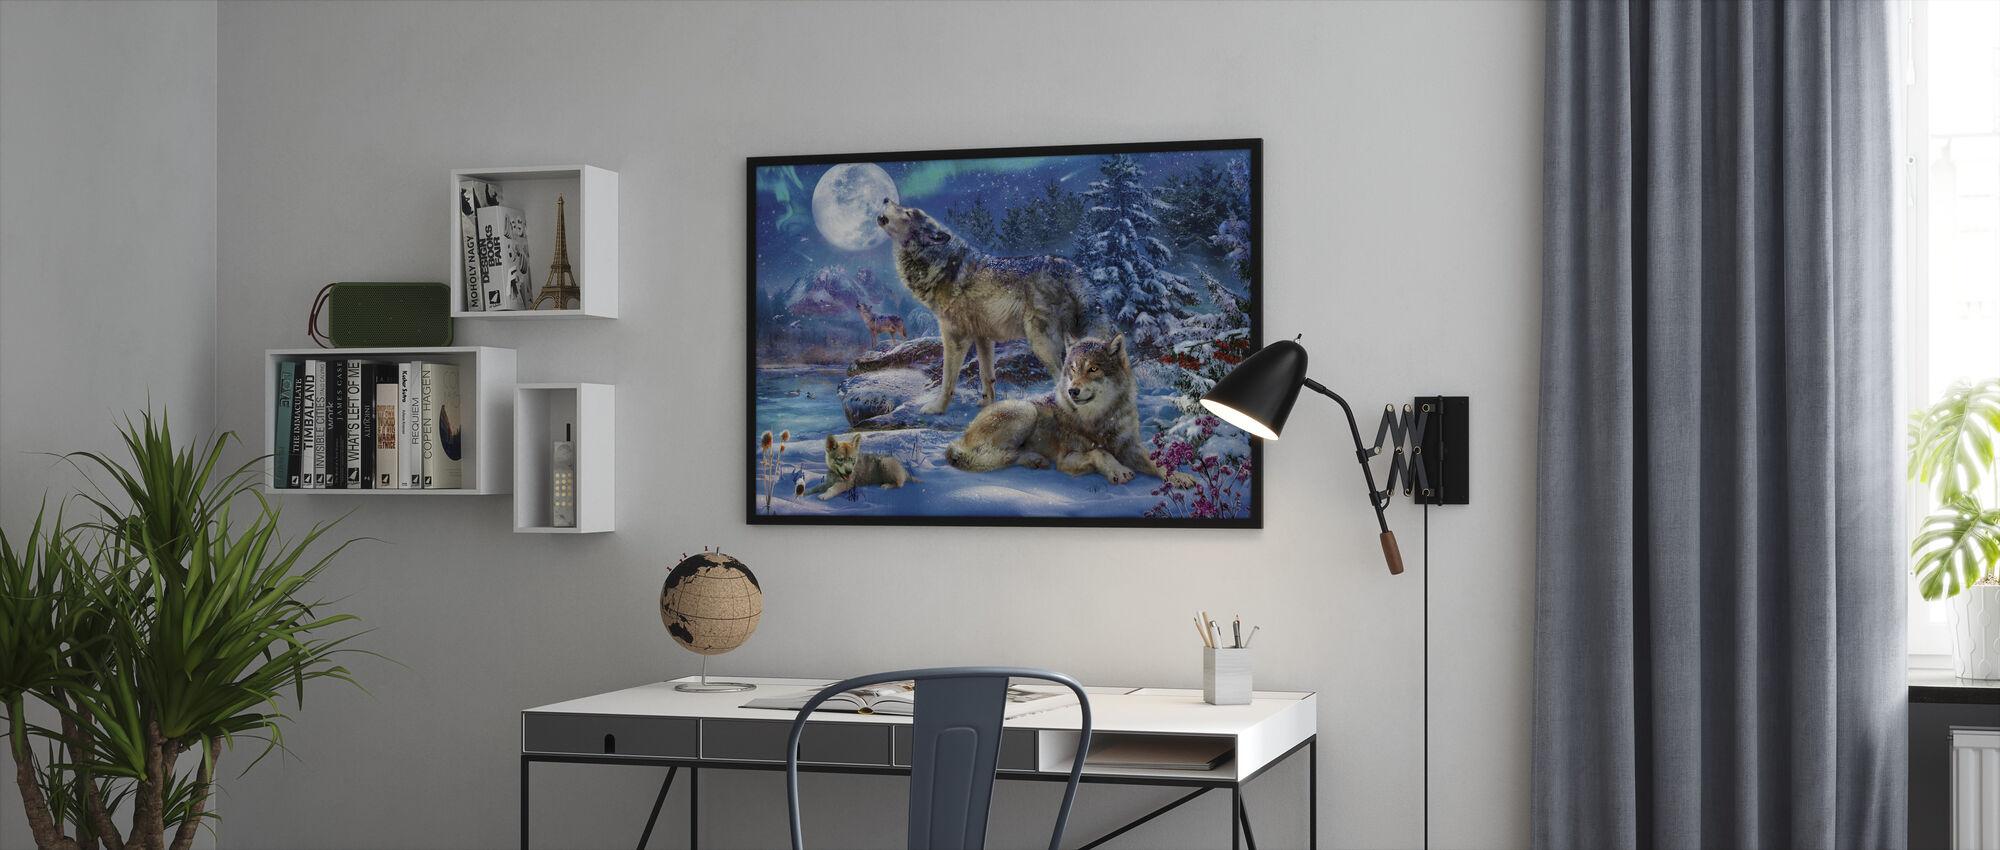 Talvi Wolf Perhe - Kehystetty kuva - Toimisto